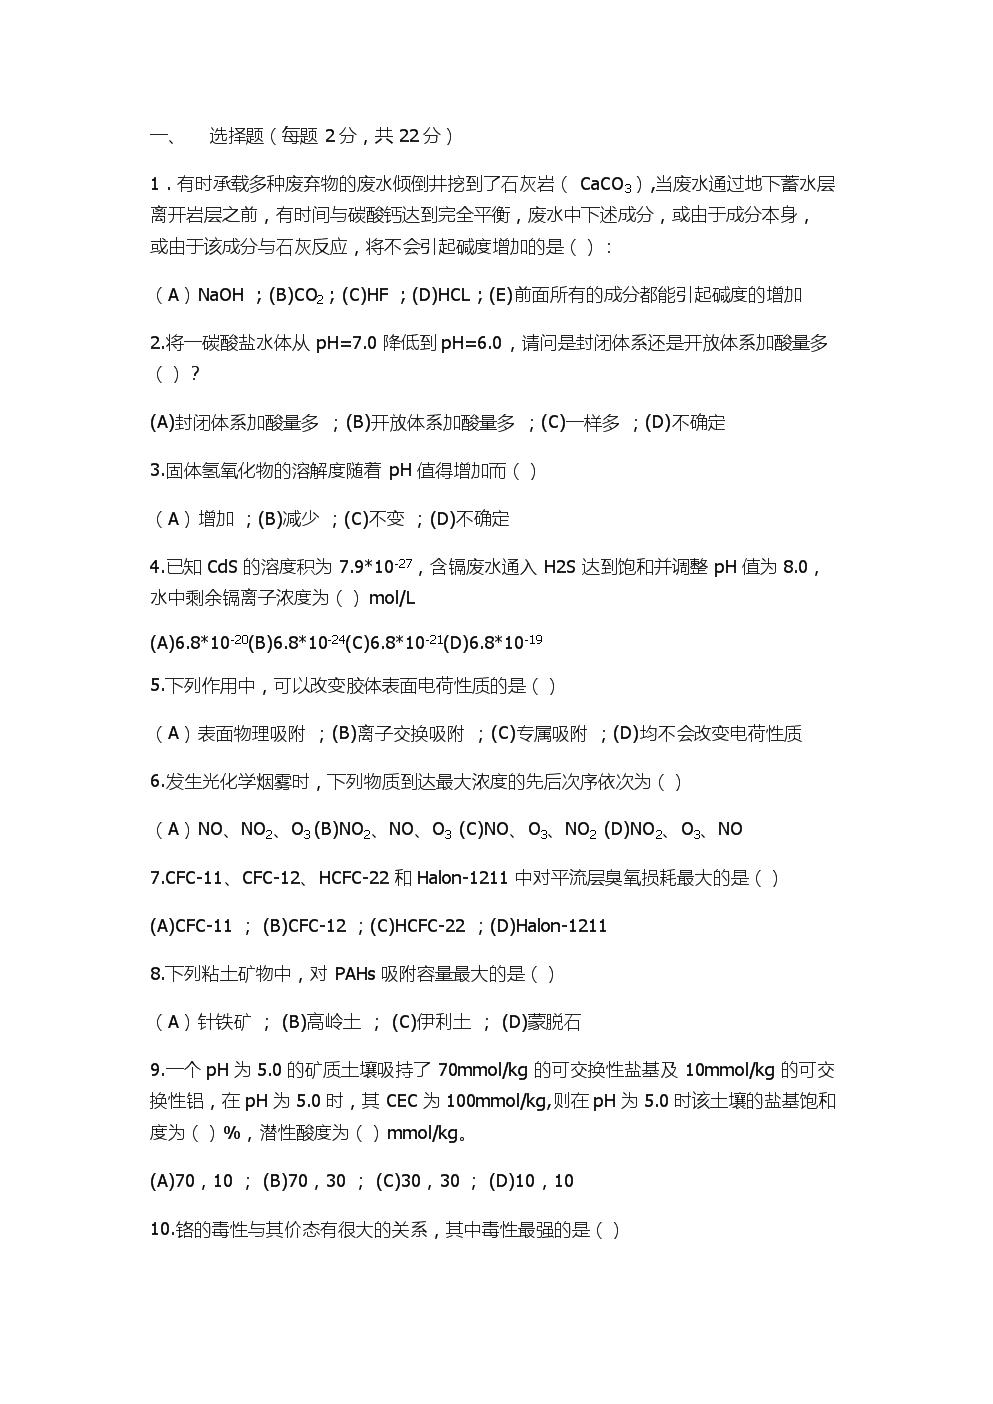 2012南大环化真题.docx